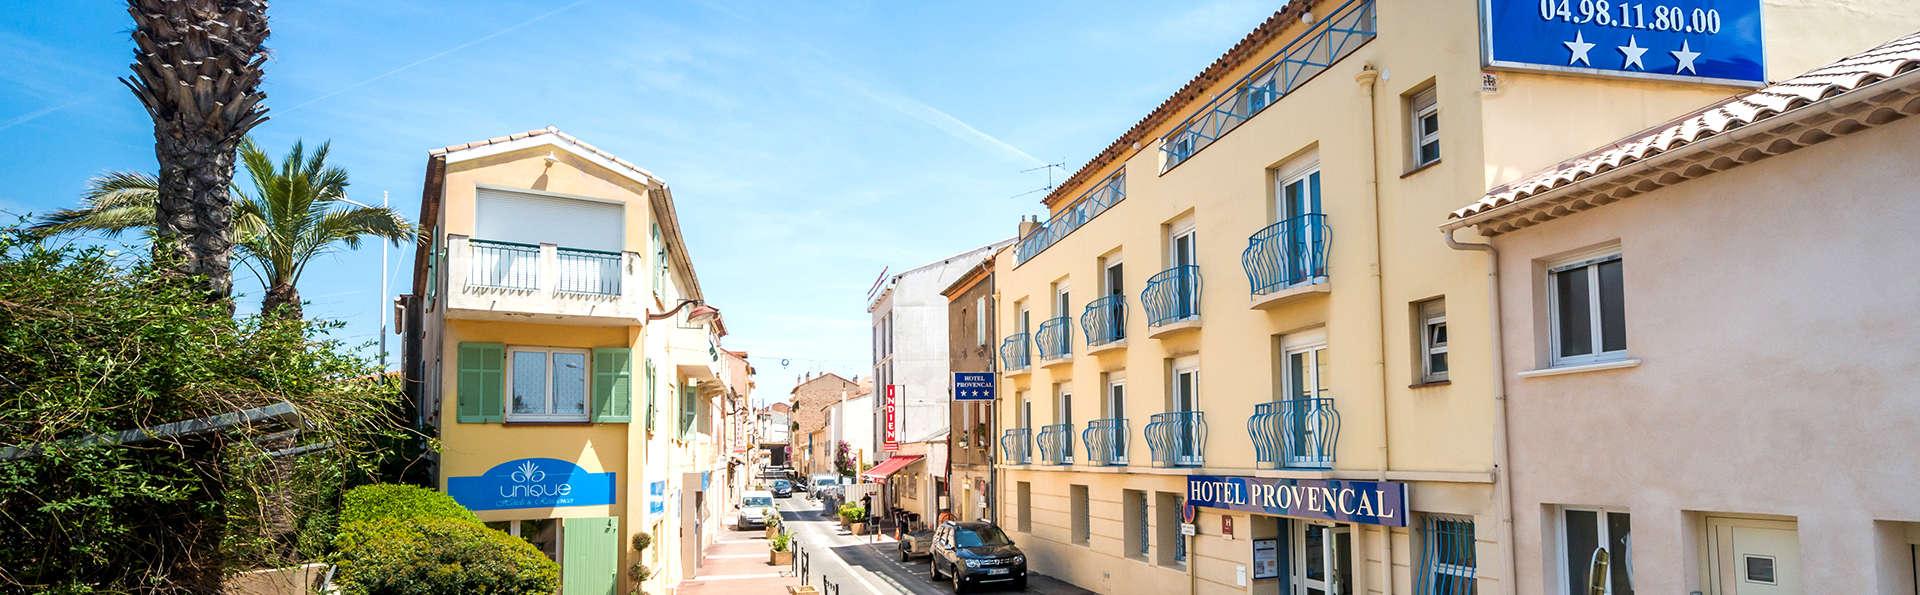 Découvrez les merveilles de la Côte d'Azur à Saint-Raphaël